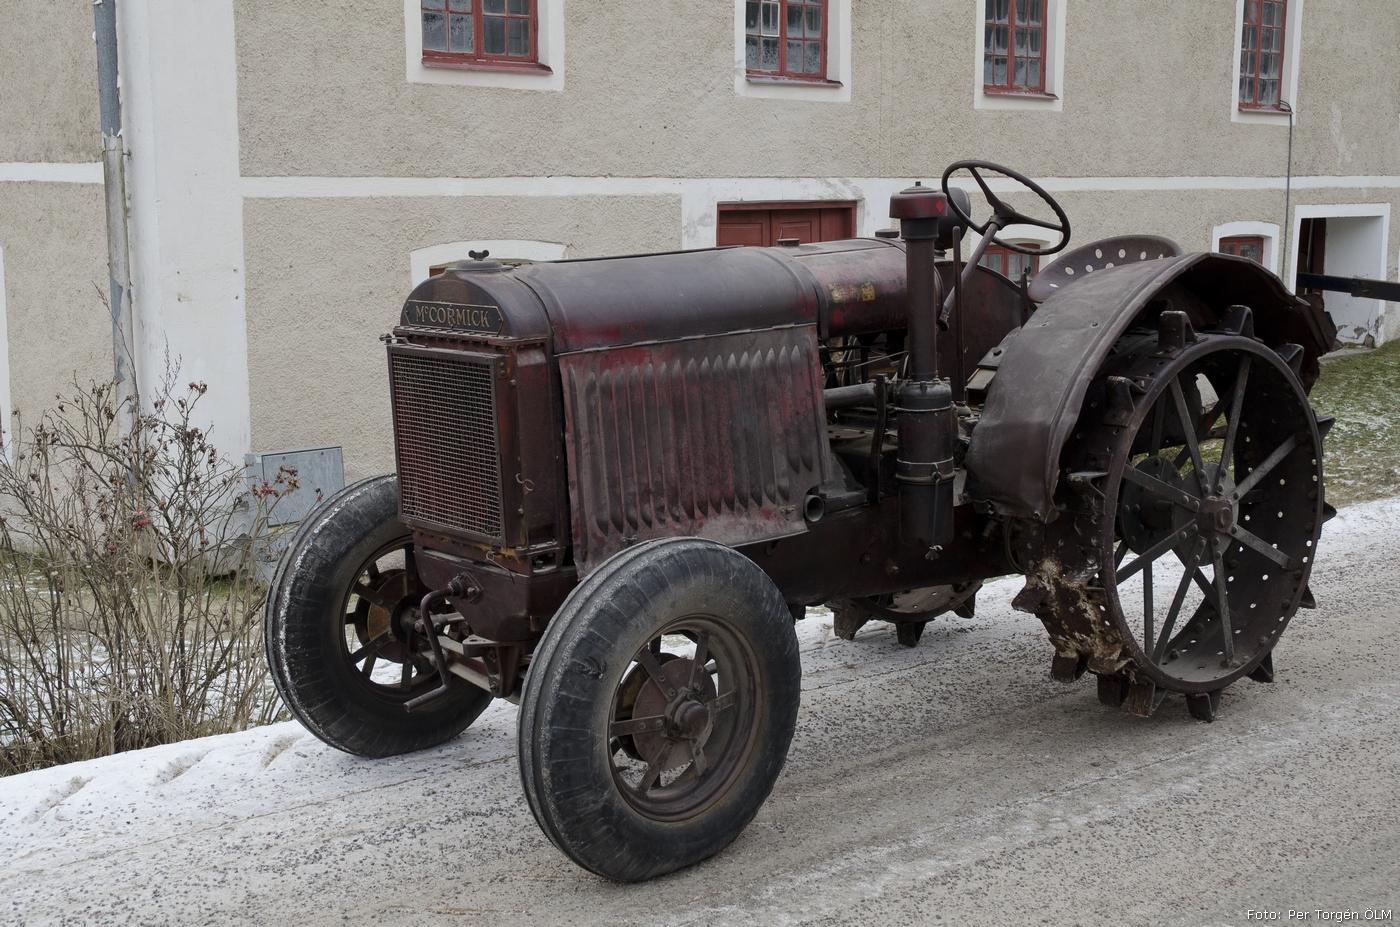 2012-02-10_092_Tekniska_kvarnen